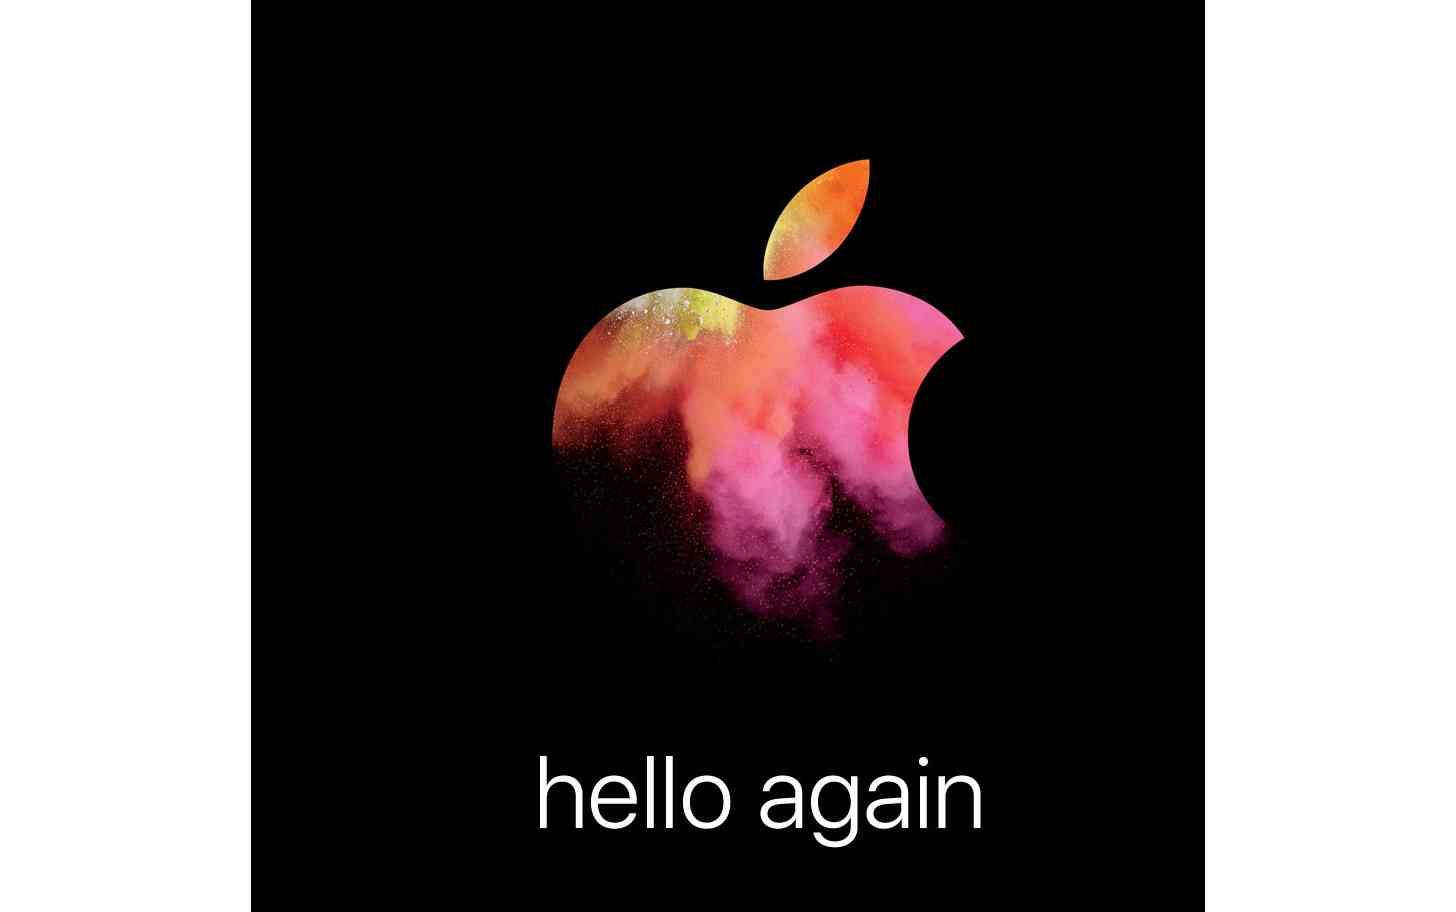 Apple October 27 event invite